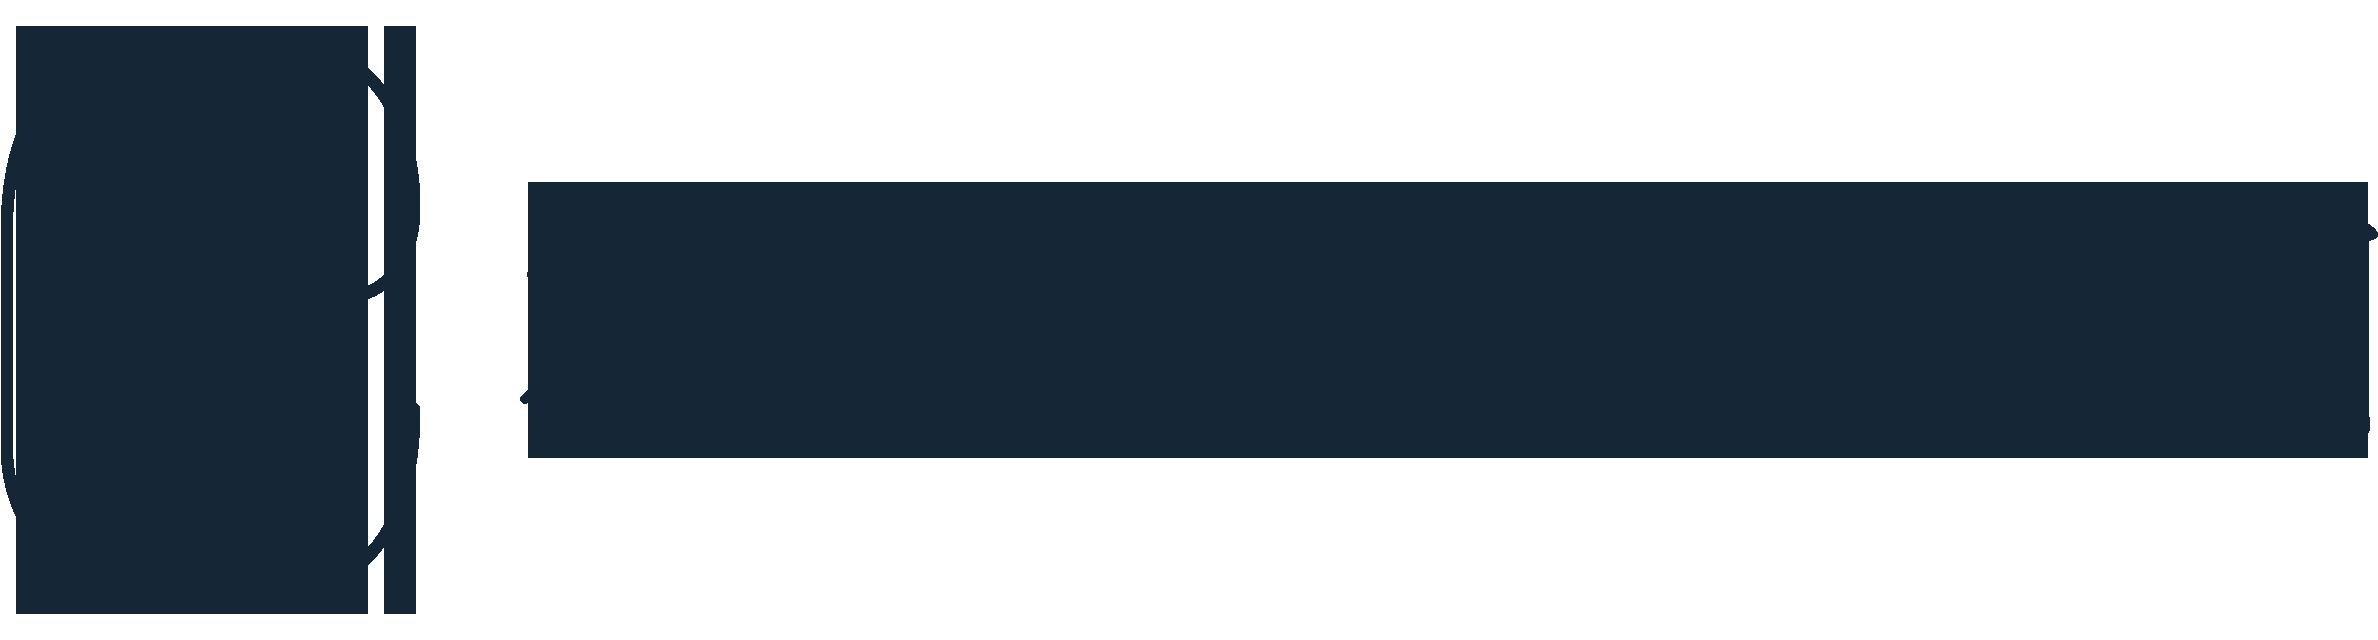 くるり和柄藍染日和 - スマホケース -